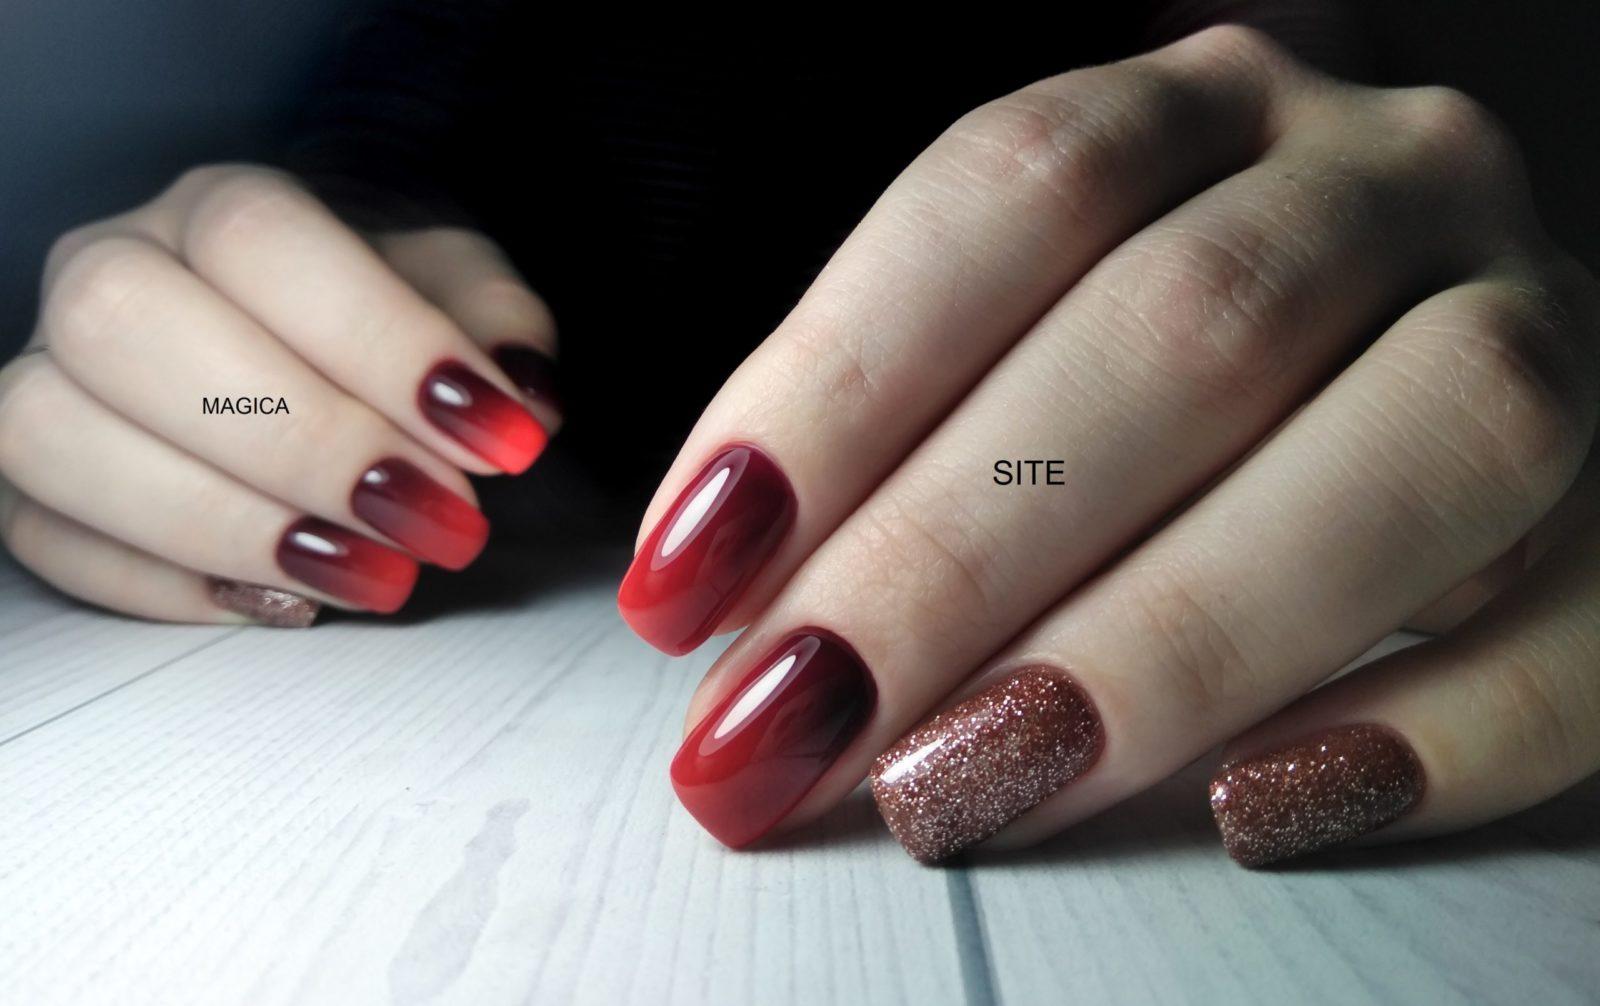 осенний маникюр, омбре, маникюр градиент, комбинированный маникюр, красные ногти, блёстки на ногтях, дизайн ногтей, маникюр 2020